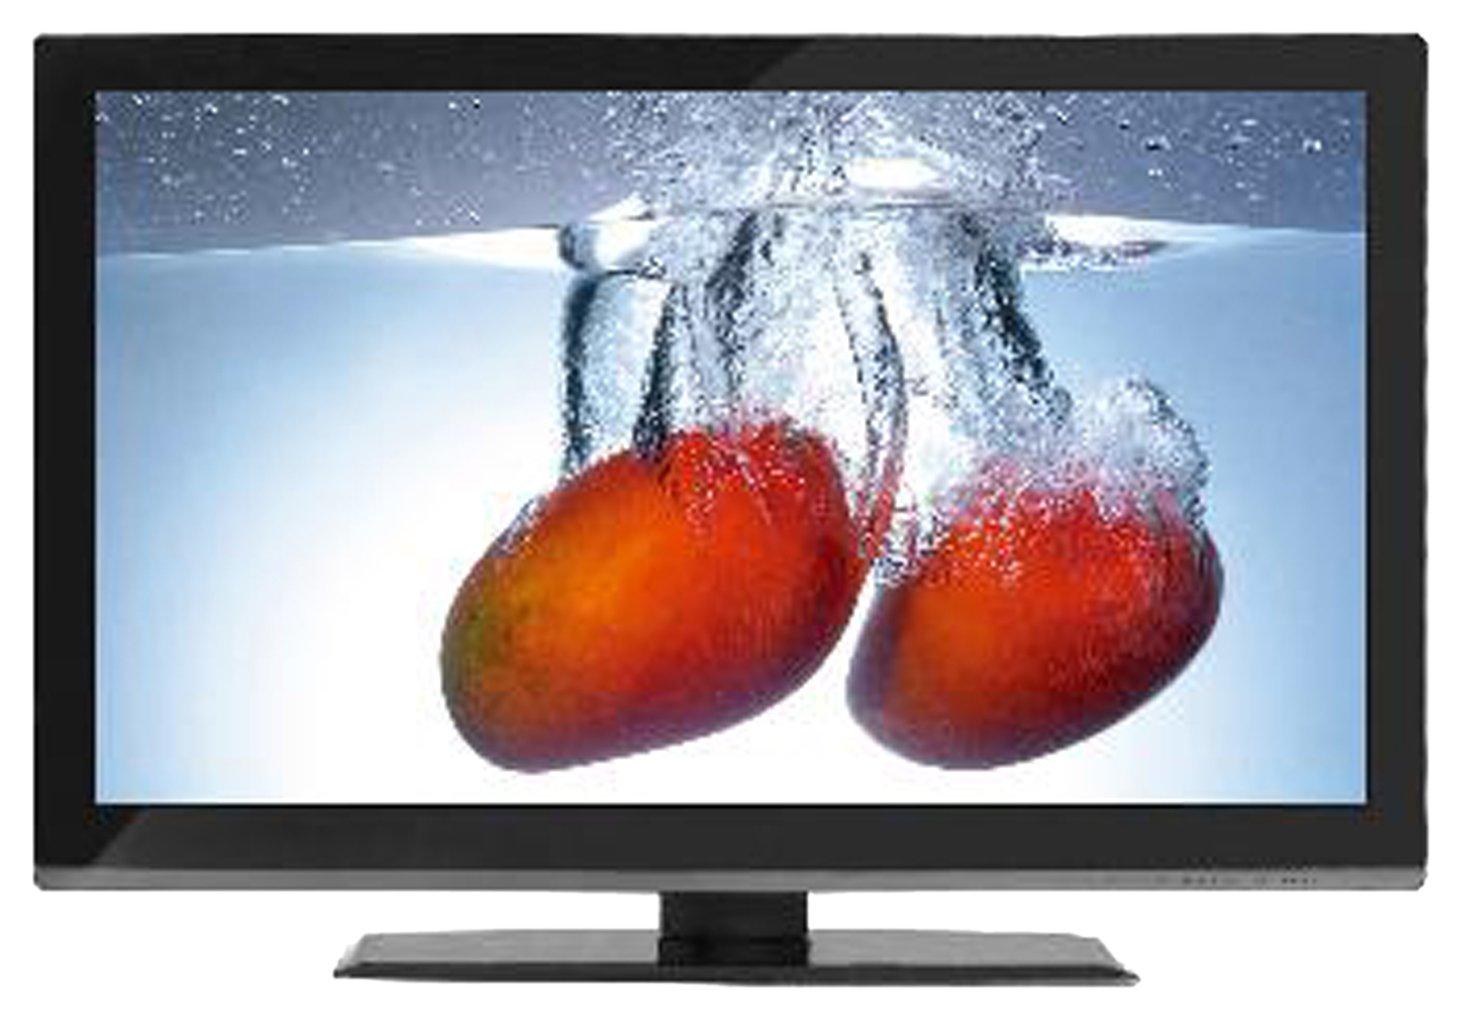 tcl 32英寸 led電視 le32c13(底座掛架另購)